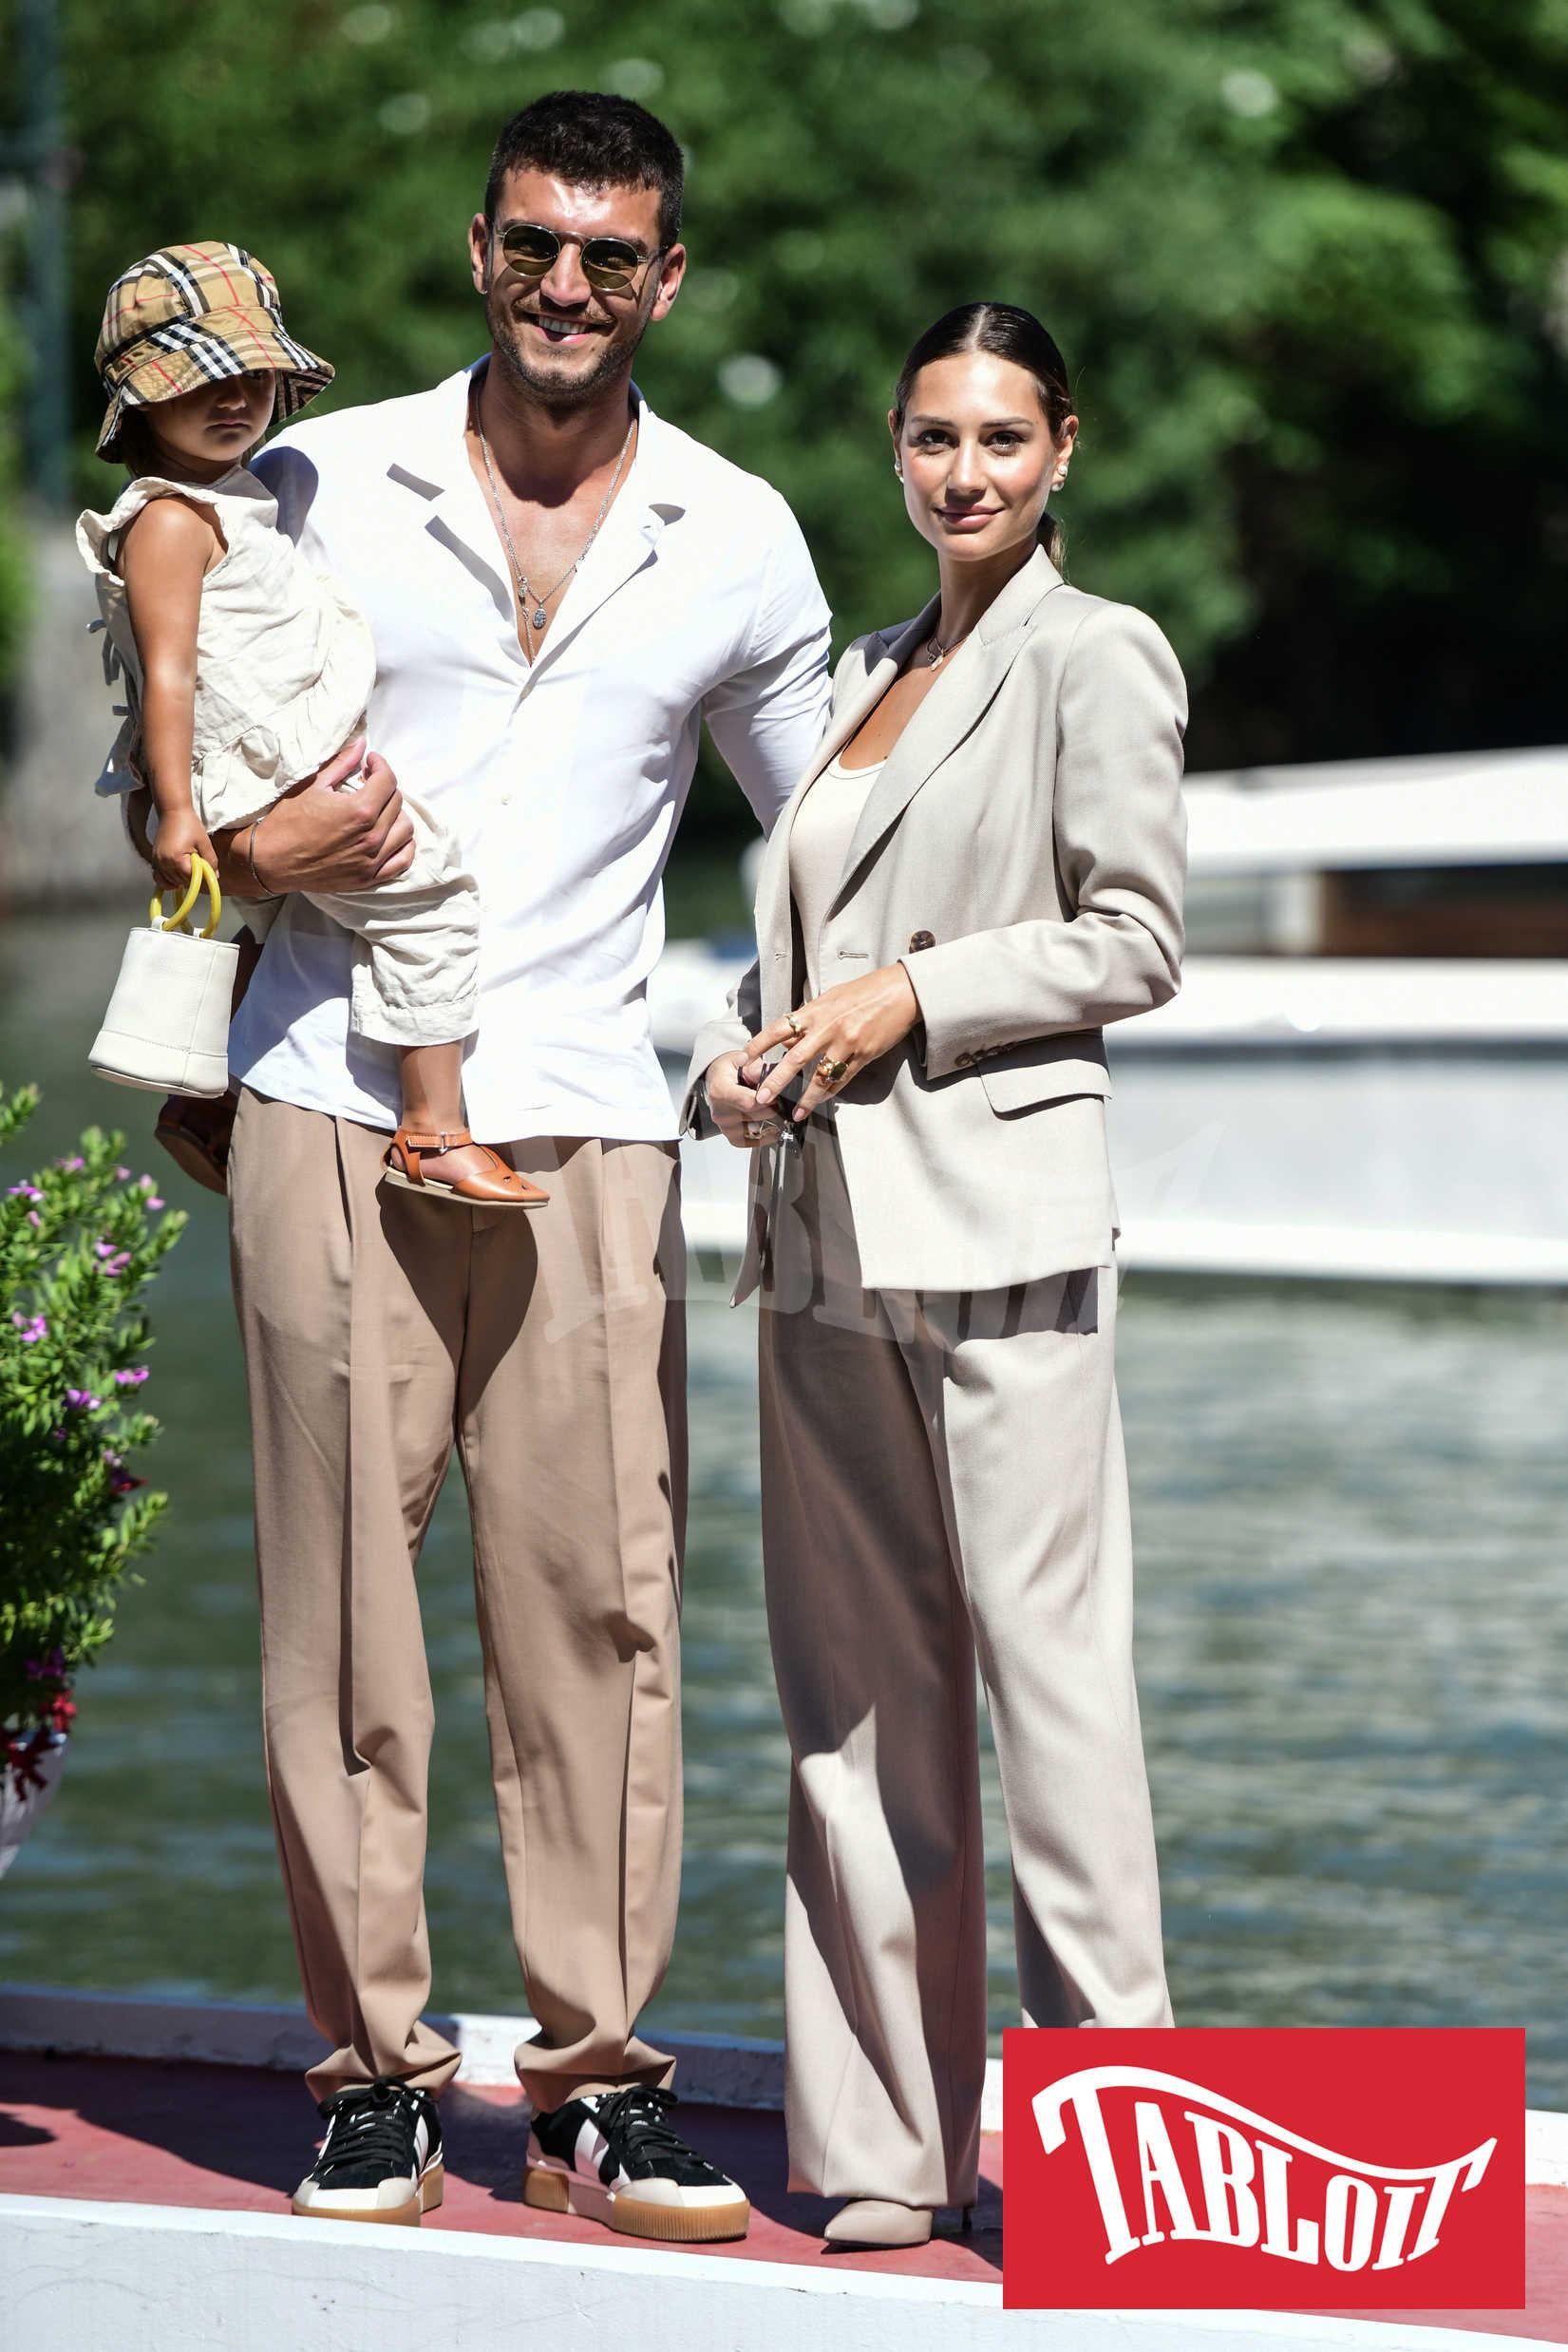 Marco Fantini e Beatrice Valli con la figlia Bianca durante l'ultima edizione del Festival del Cinema di Venezia